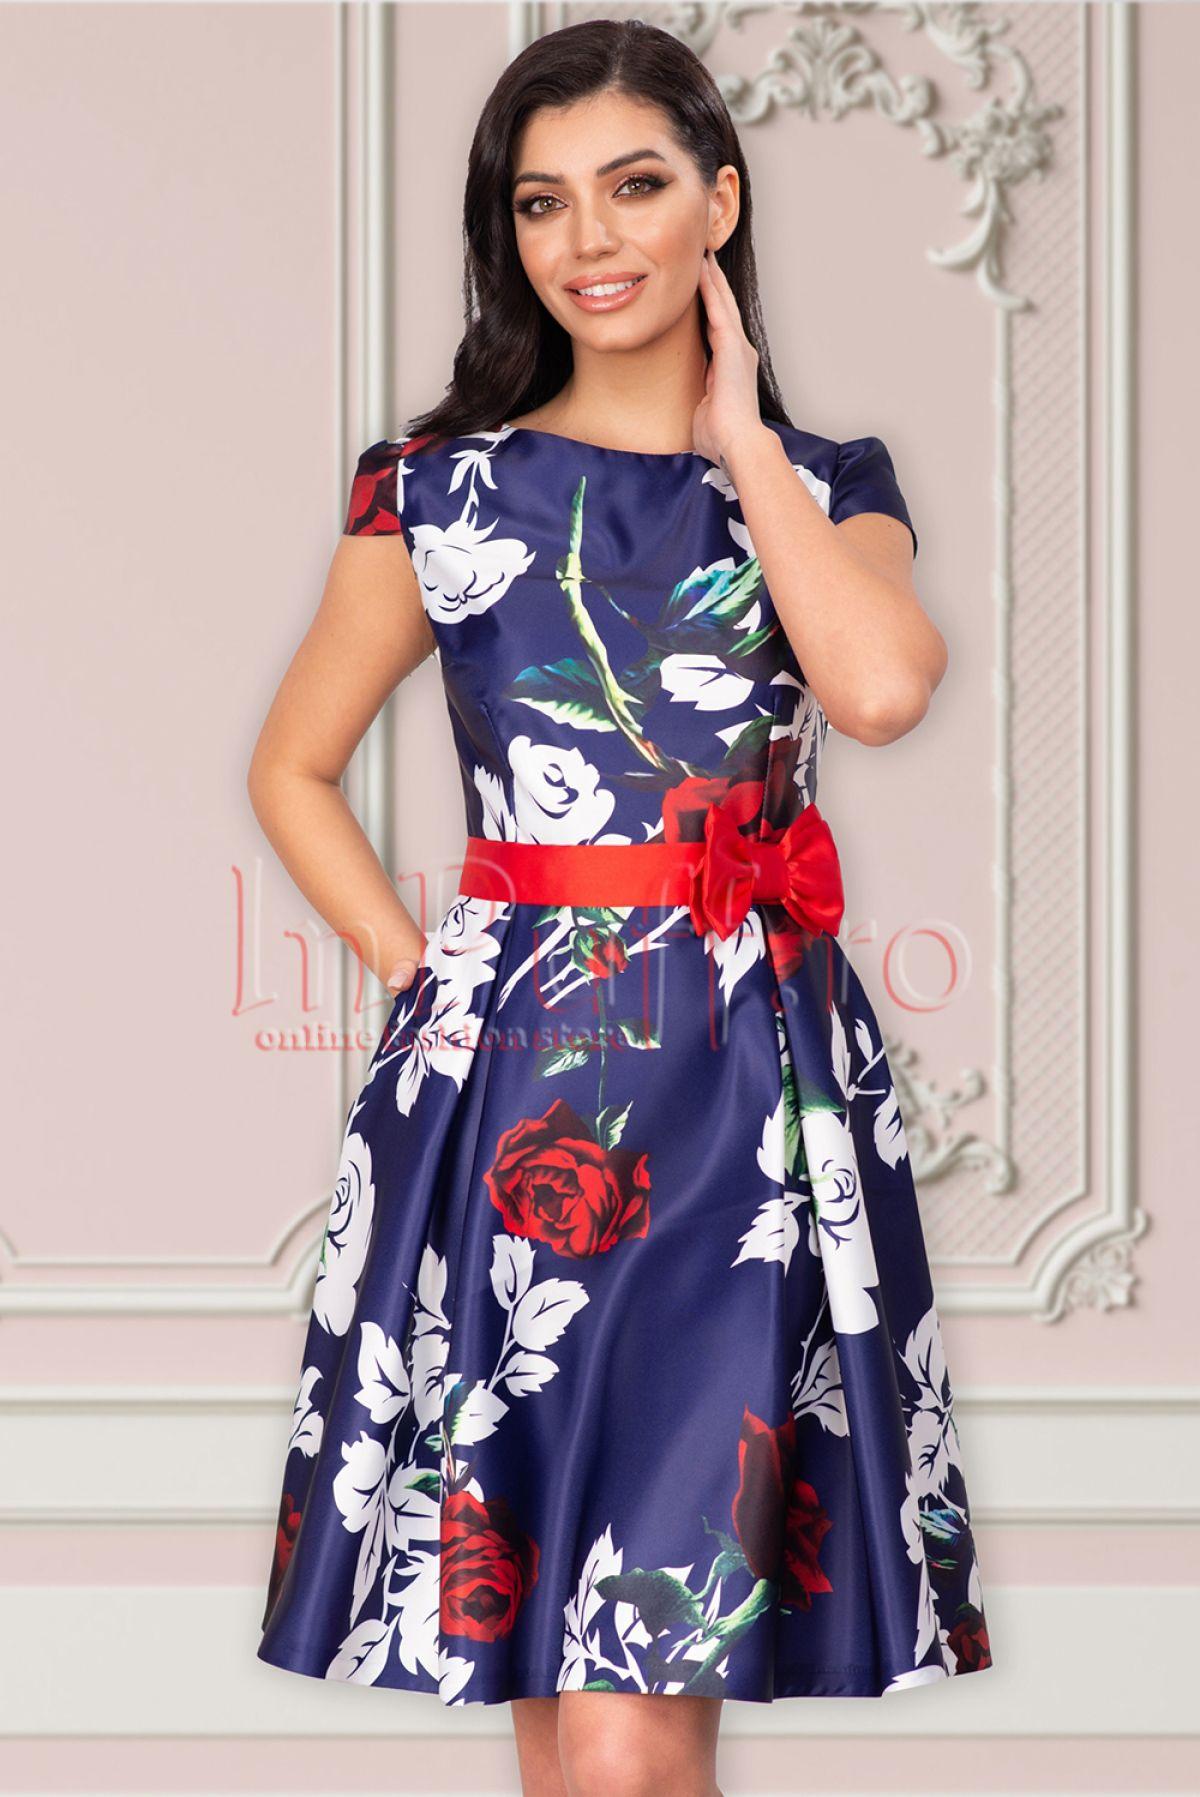 Rochie MBG eleganta bleumarin cu imprimeu floral deosebit